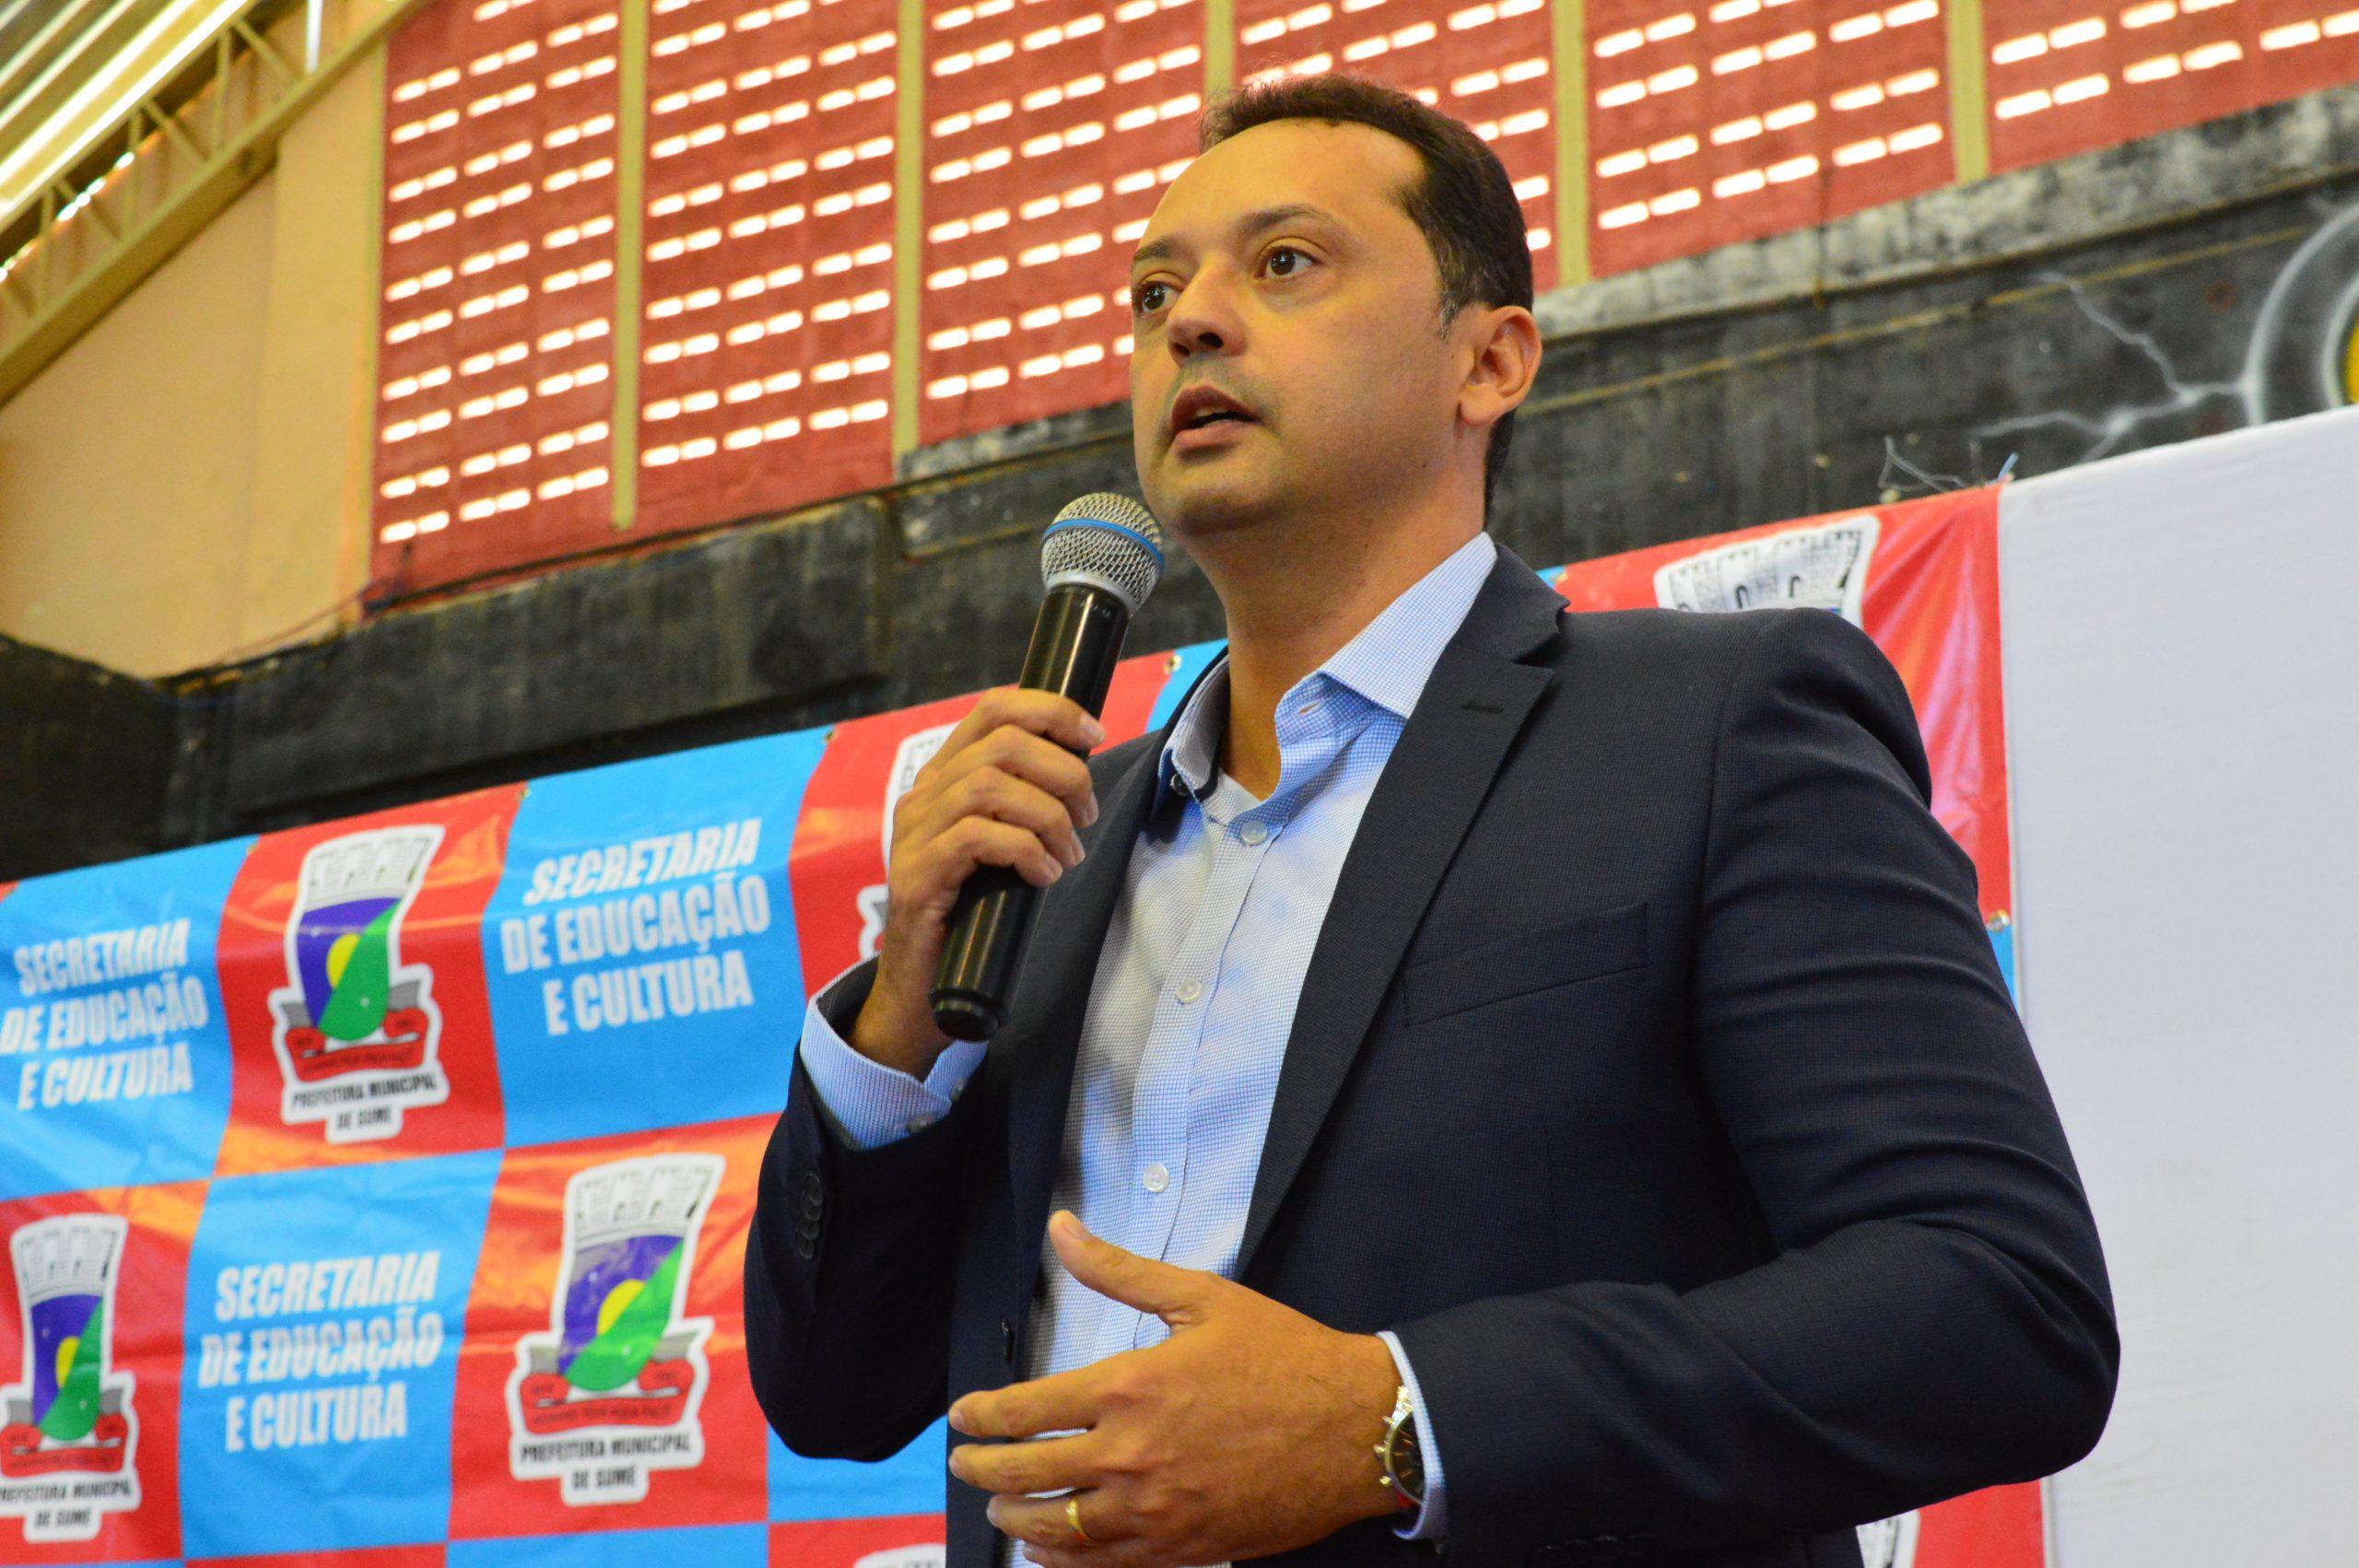 Paraíba Online • Prefeito do Cariri recebe ameaças após medidas adotadas contra o Covid-19